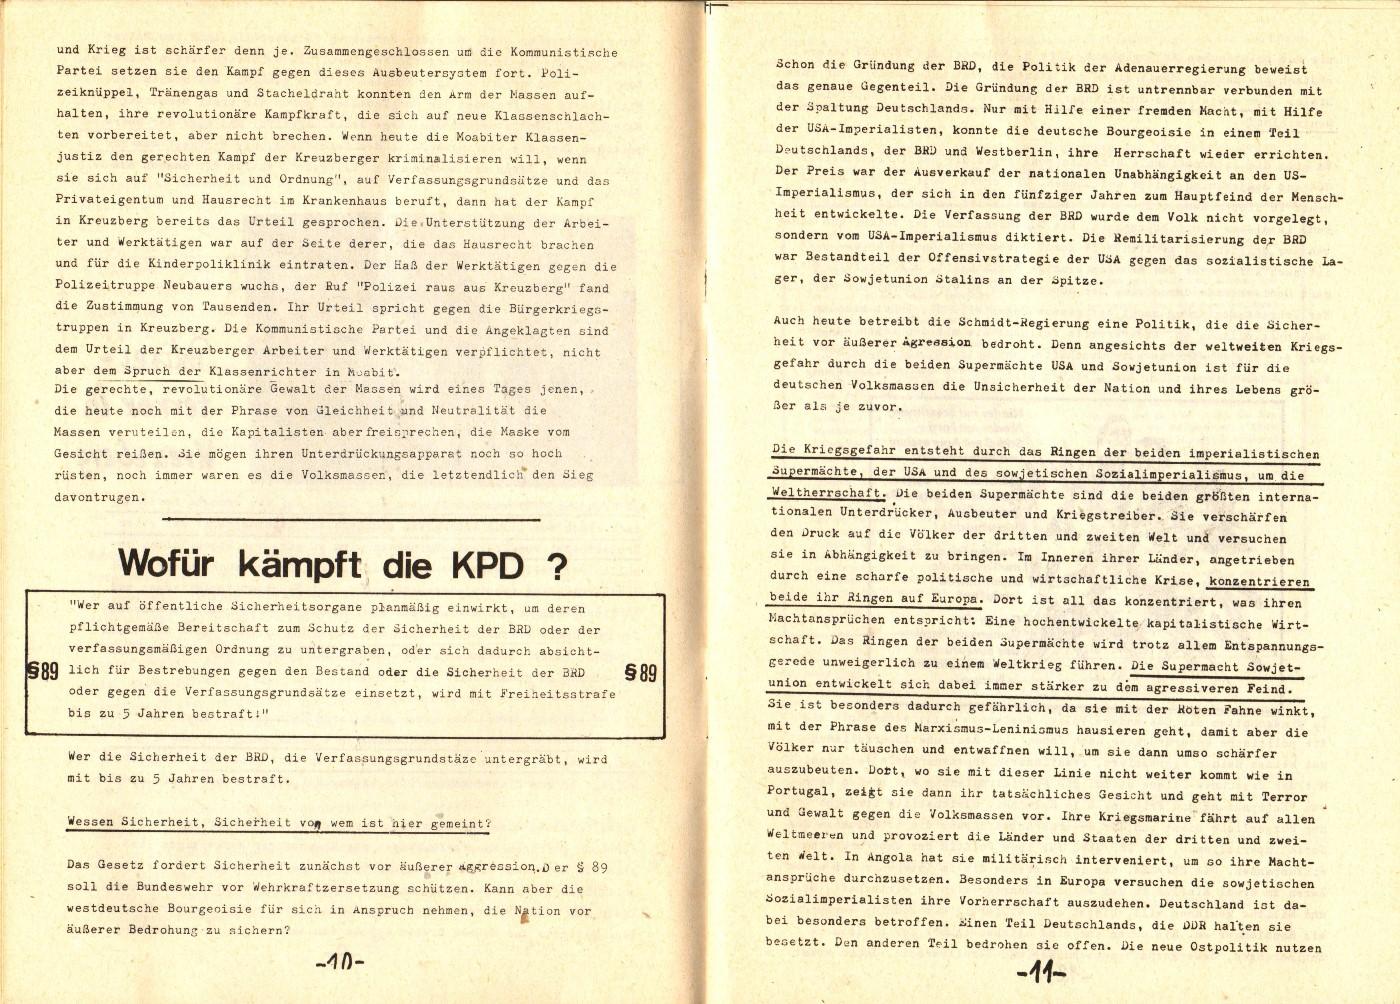 Berlin_KPD_1976_Staatsschutzprozess_07